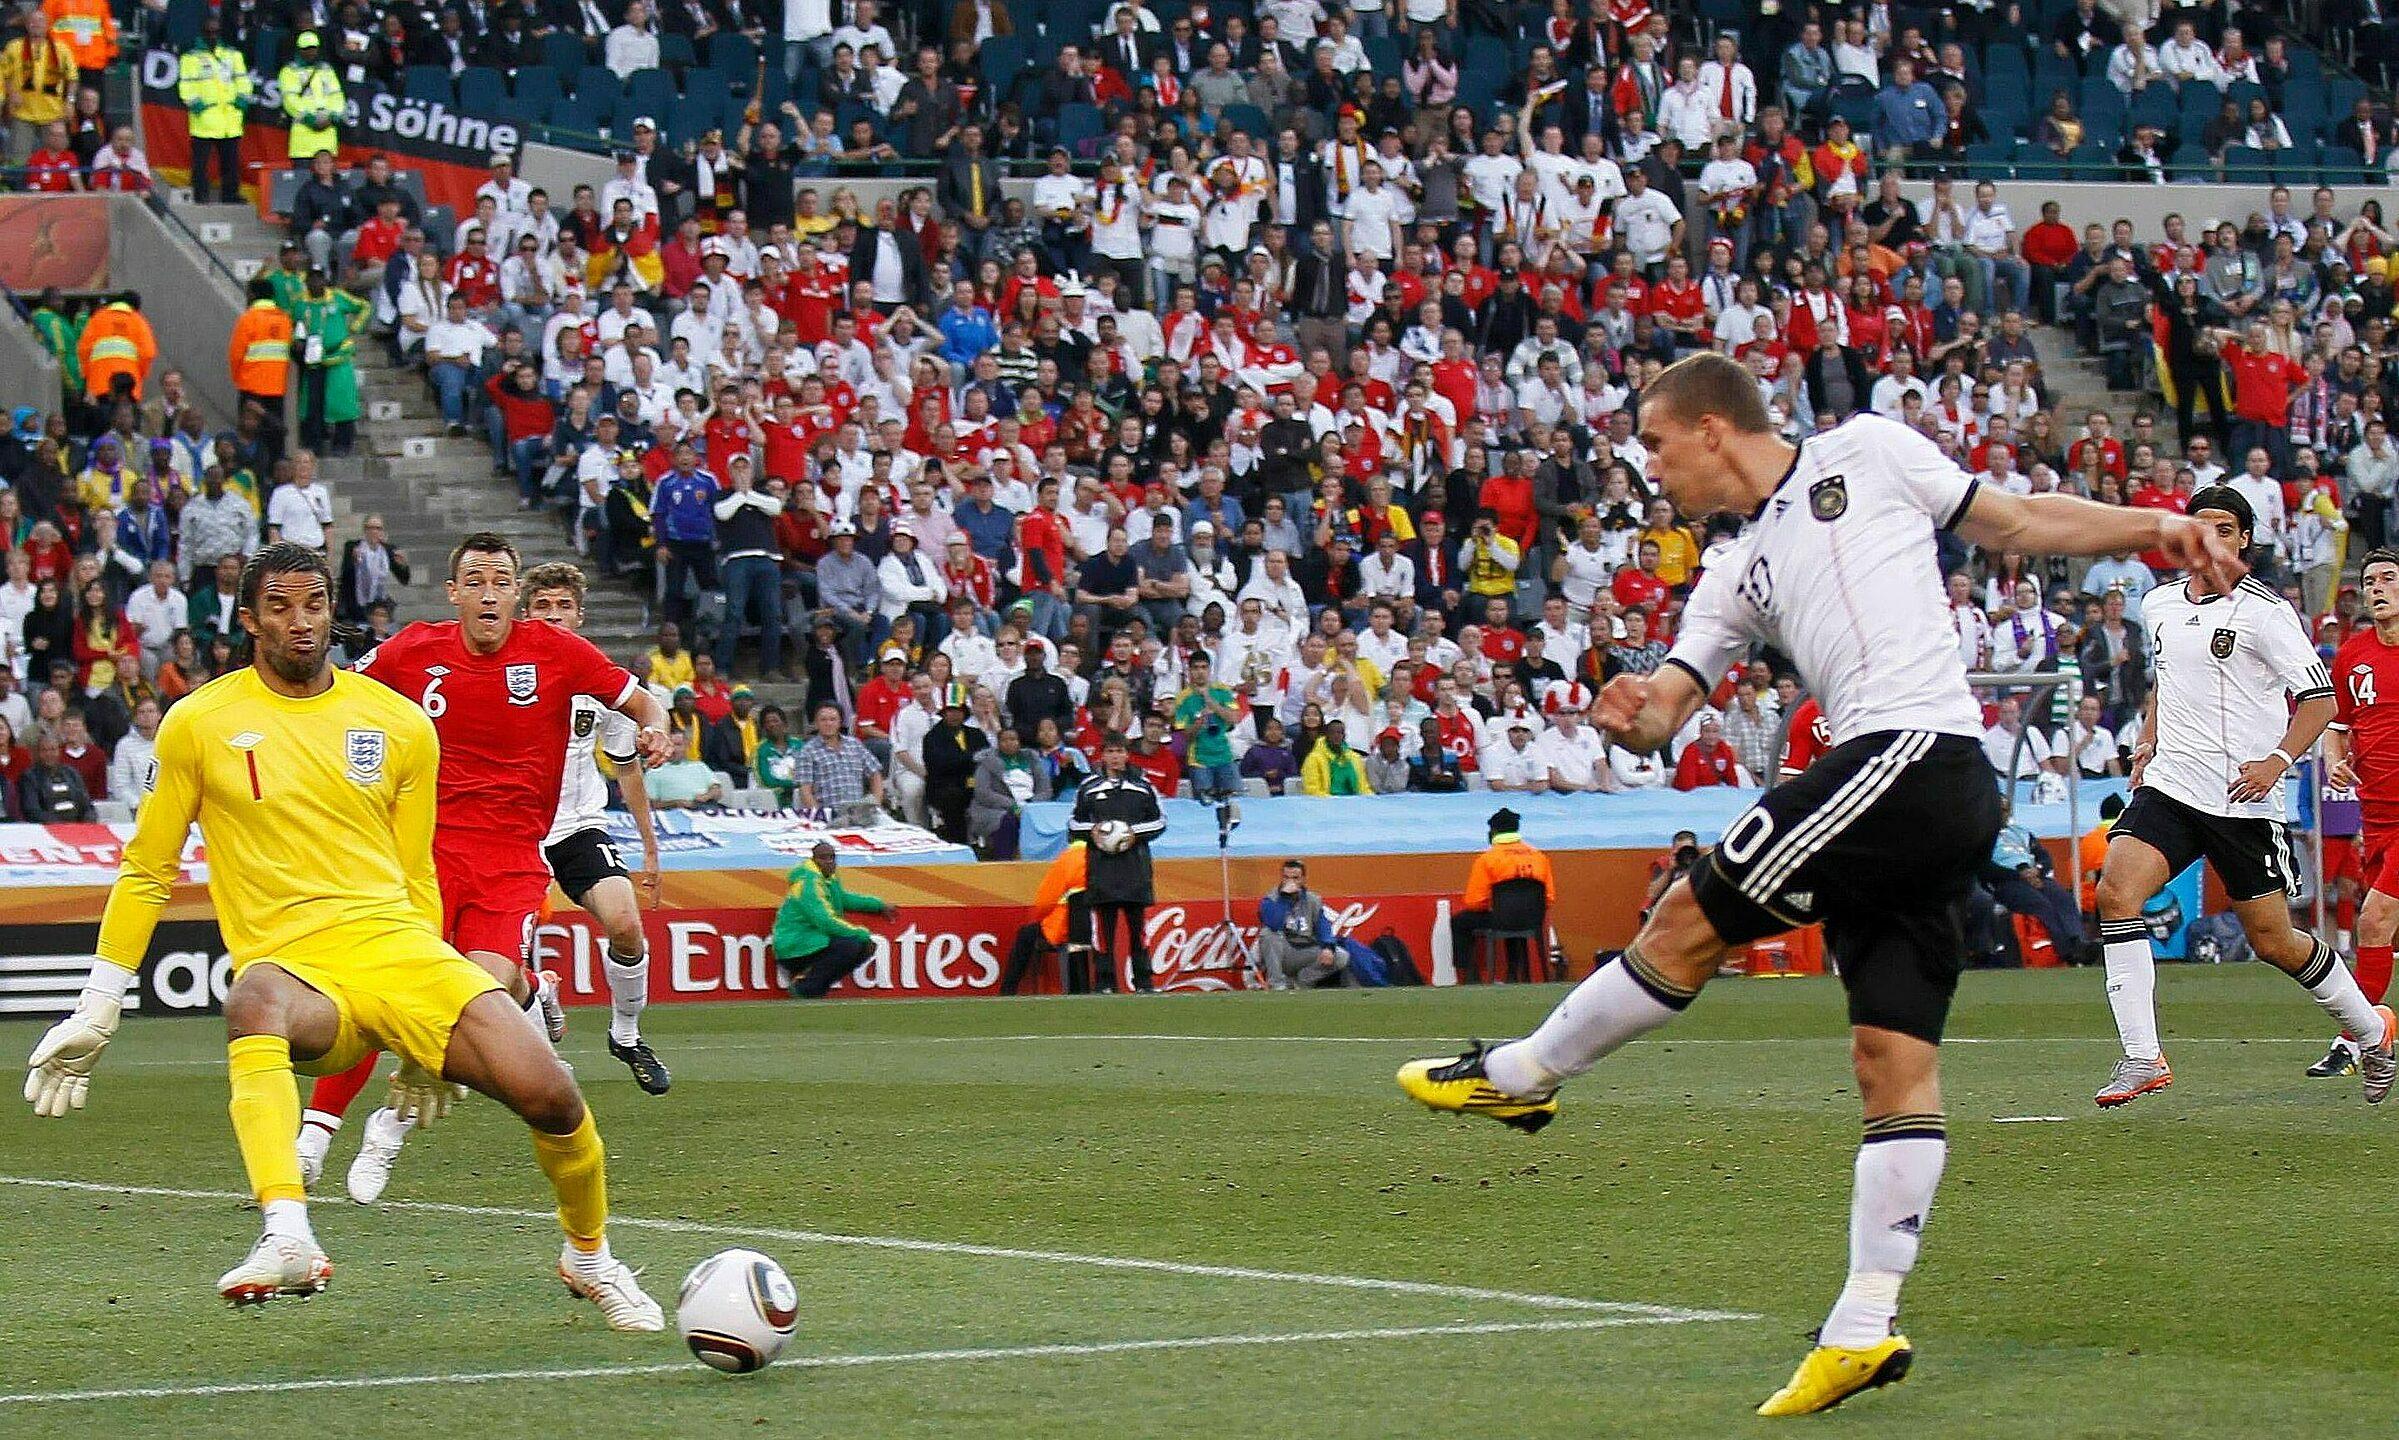 Inggris kalah 1-4 dari Jerman di babak 16 besar Piala Dunia 2010. Foto: News Group Newspapers Ltd